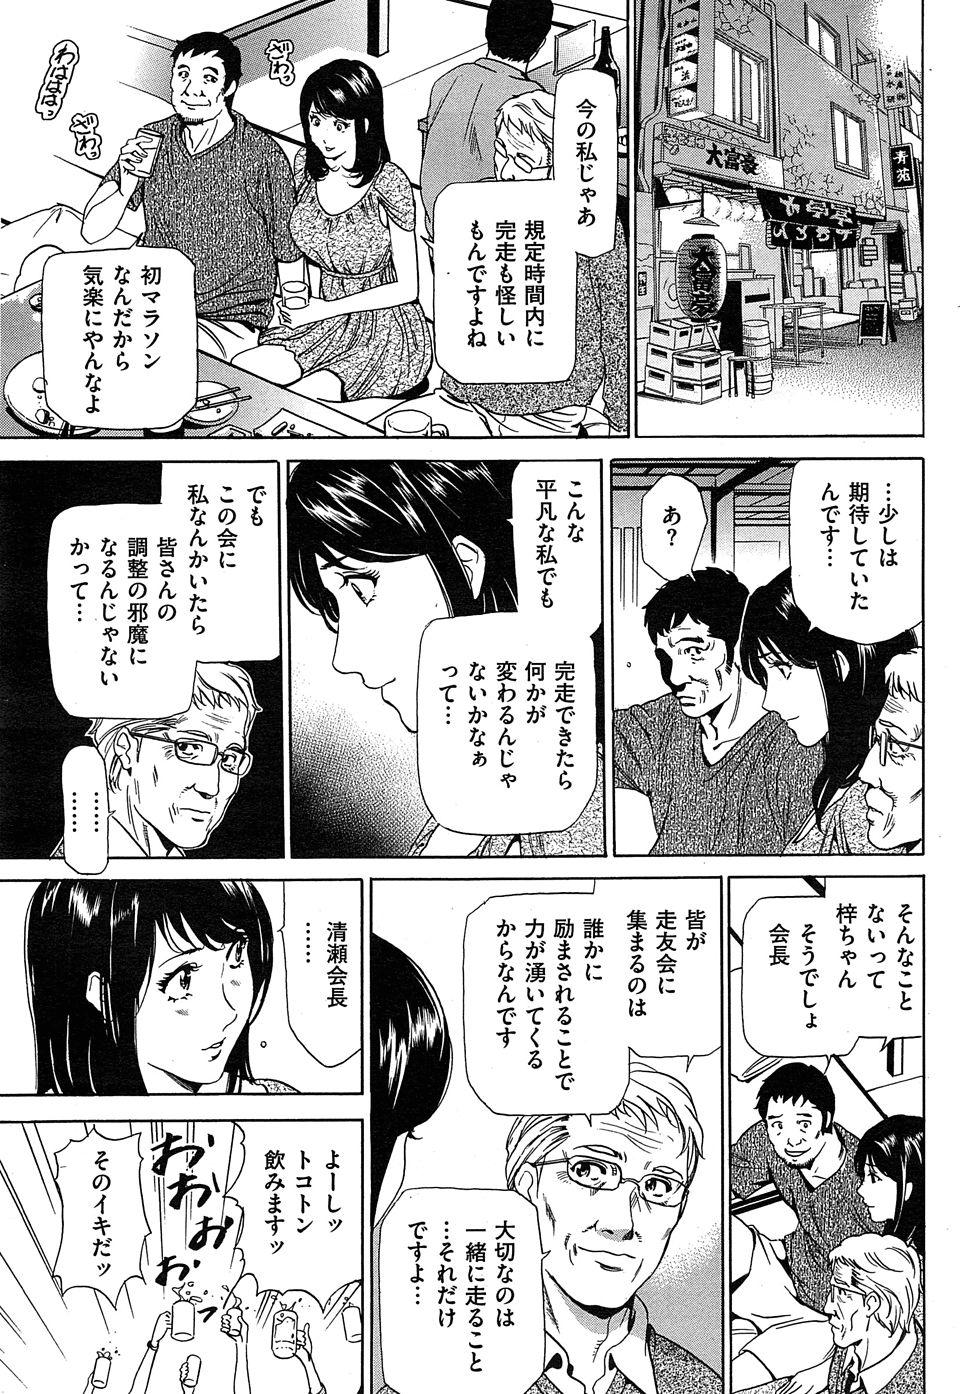 【エロ漫画・エロ同人誌】巨乳OLがジョギングの走友会仲間と乱交エッチしてるwww (5)